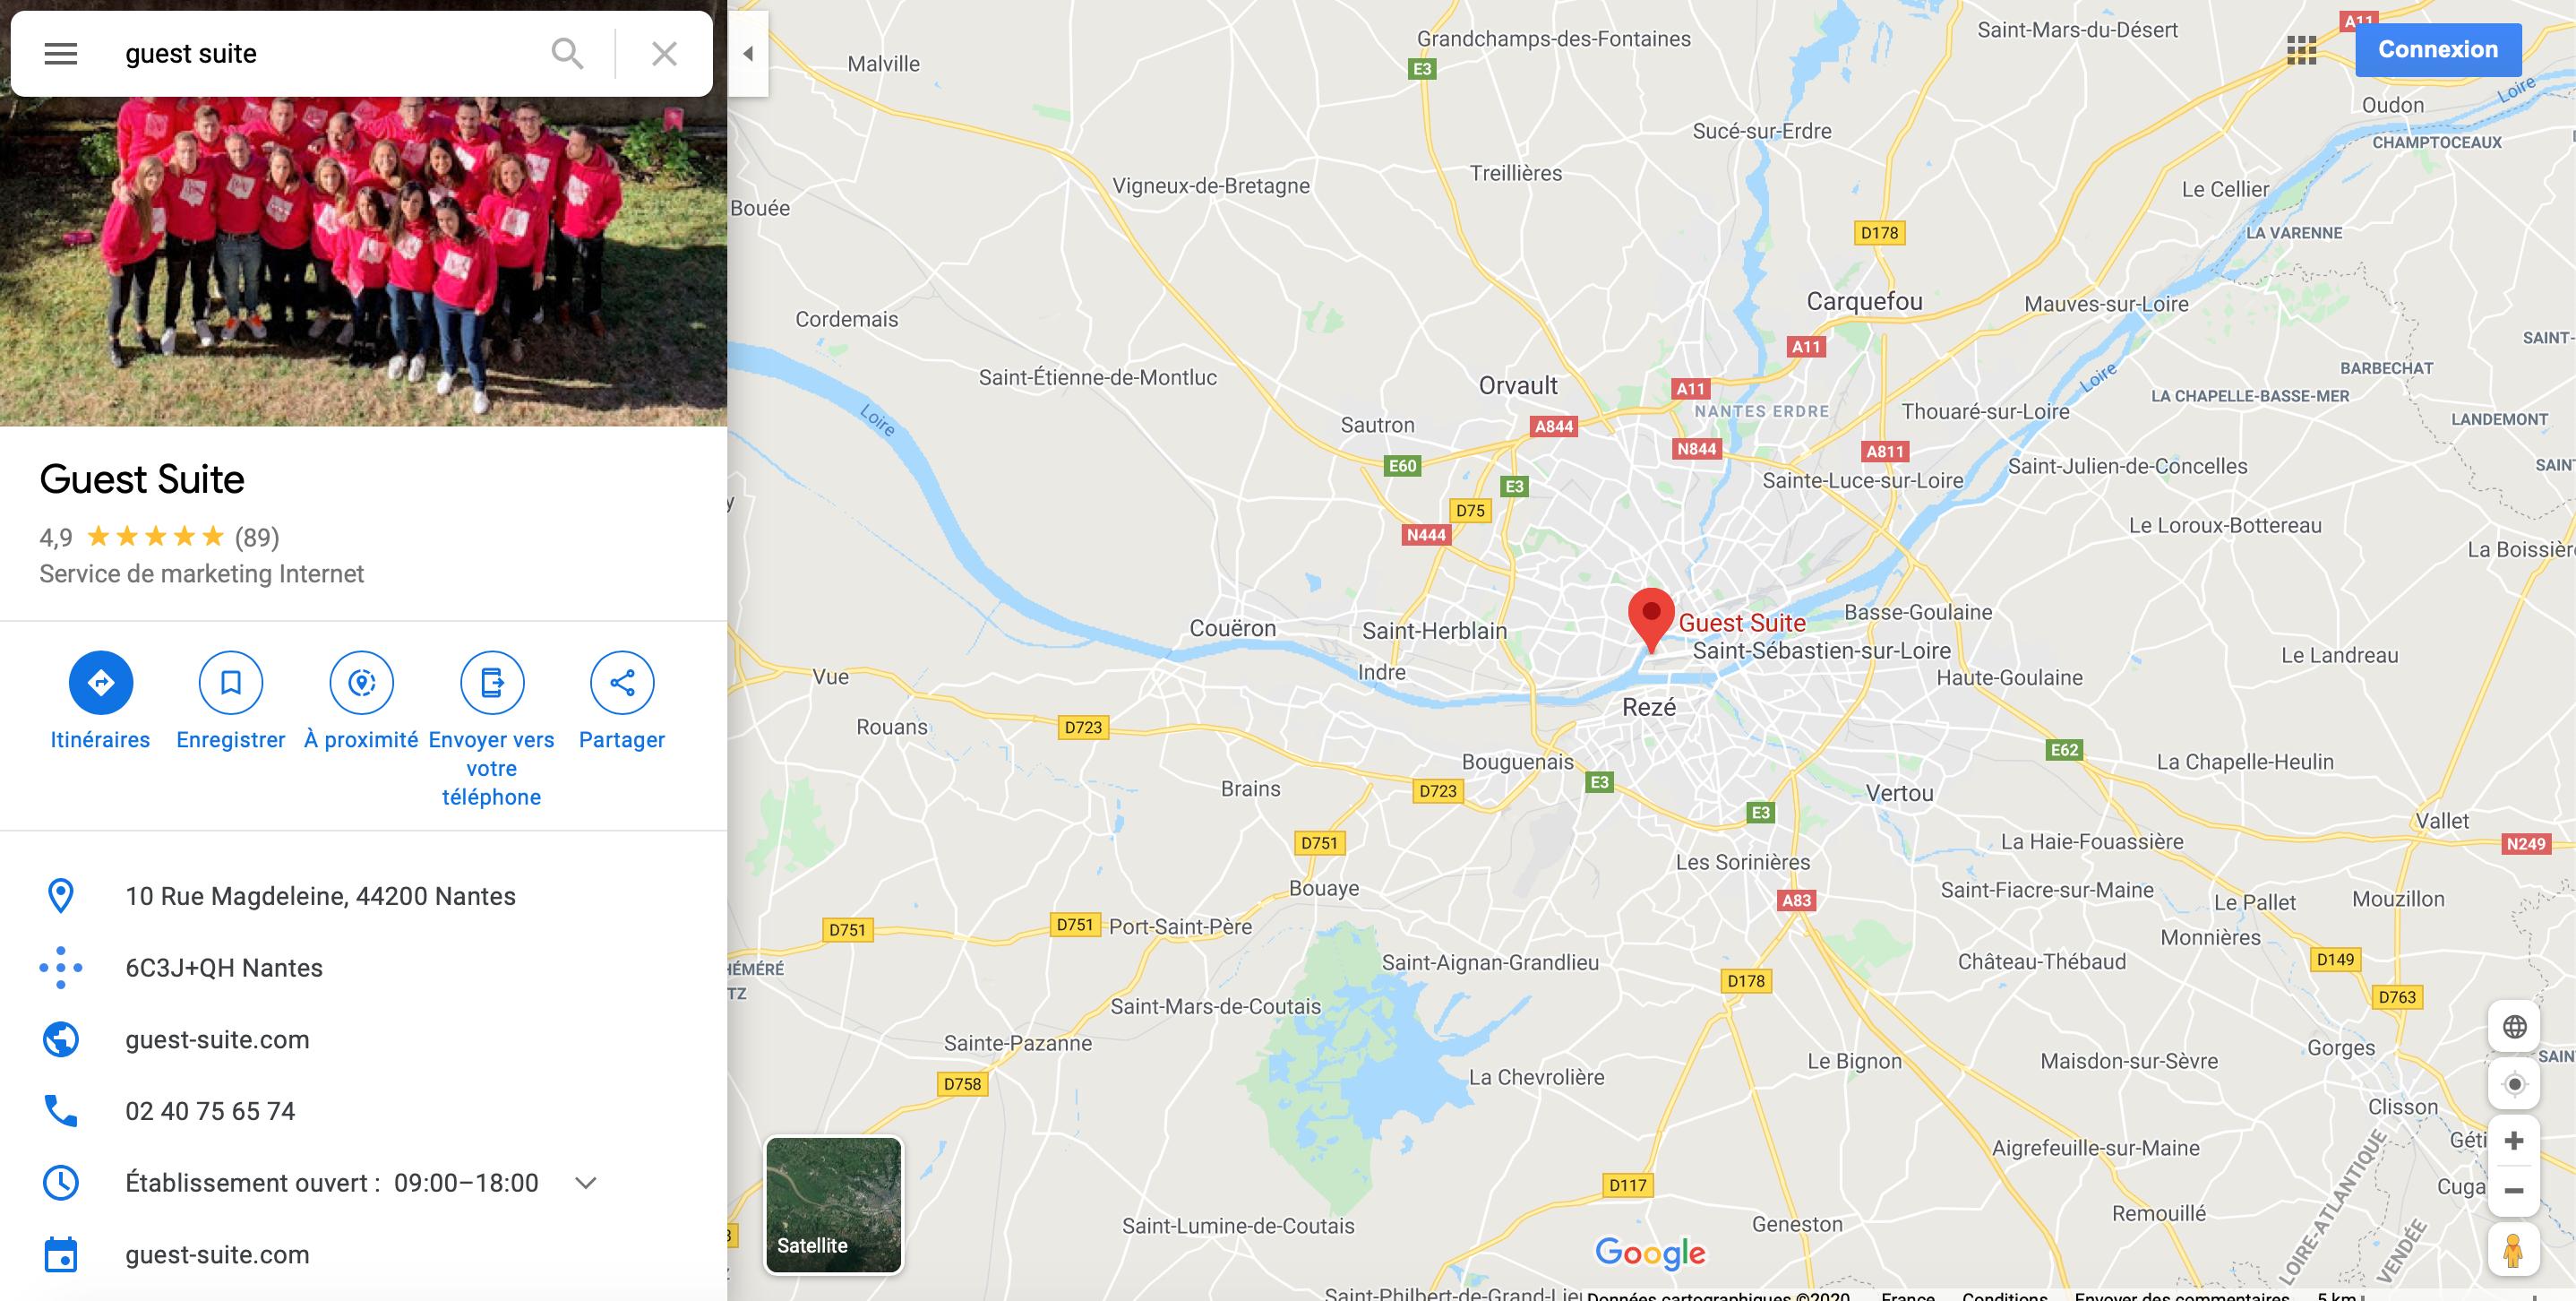 Fiche Google My Business Guest Suite Google Maps